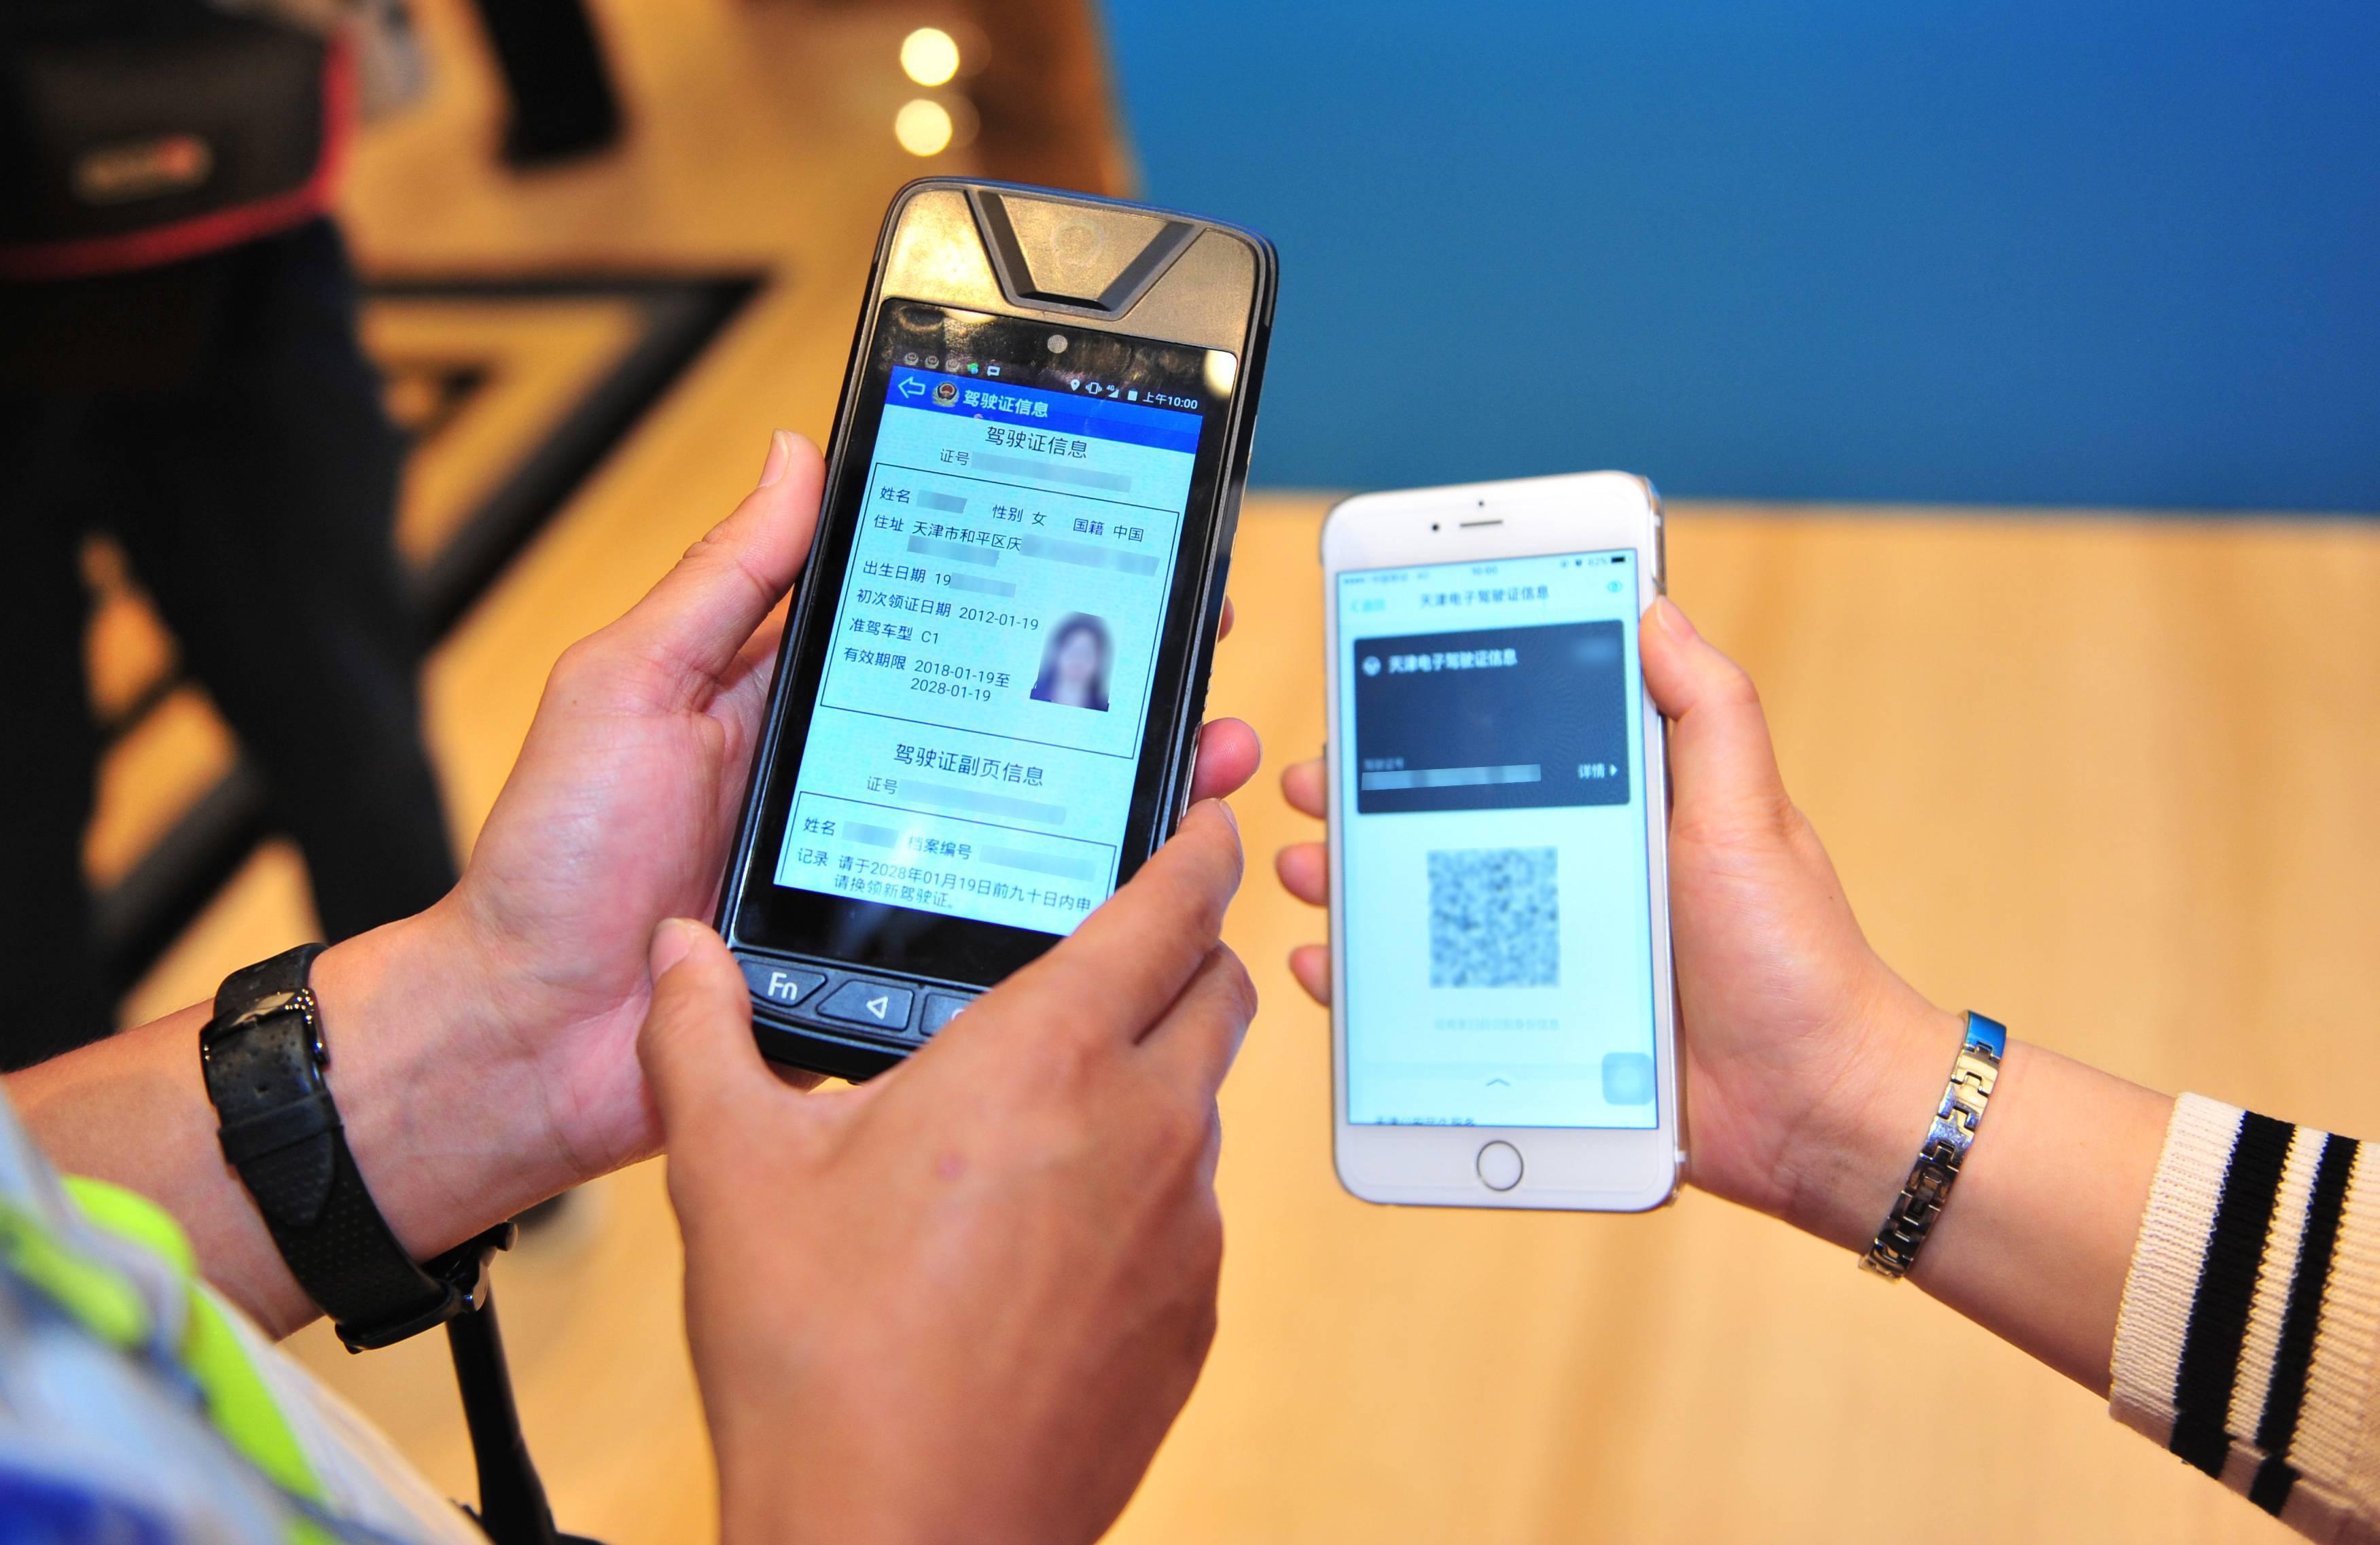 蚂蚁金服在天津推出电子身份证、电子户口本